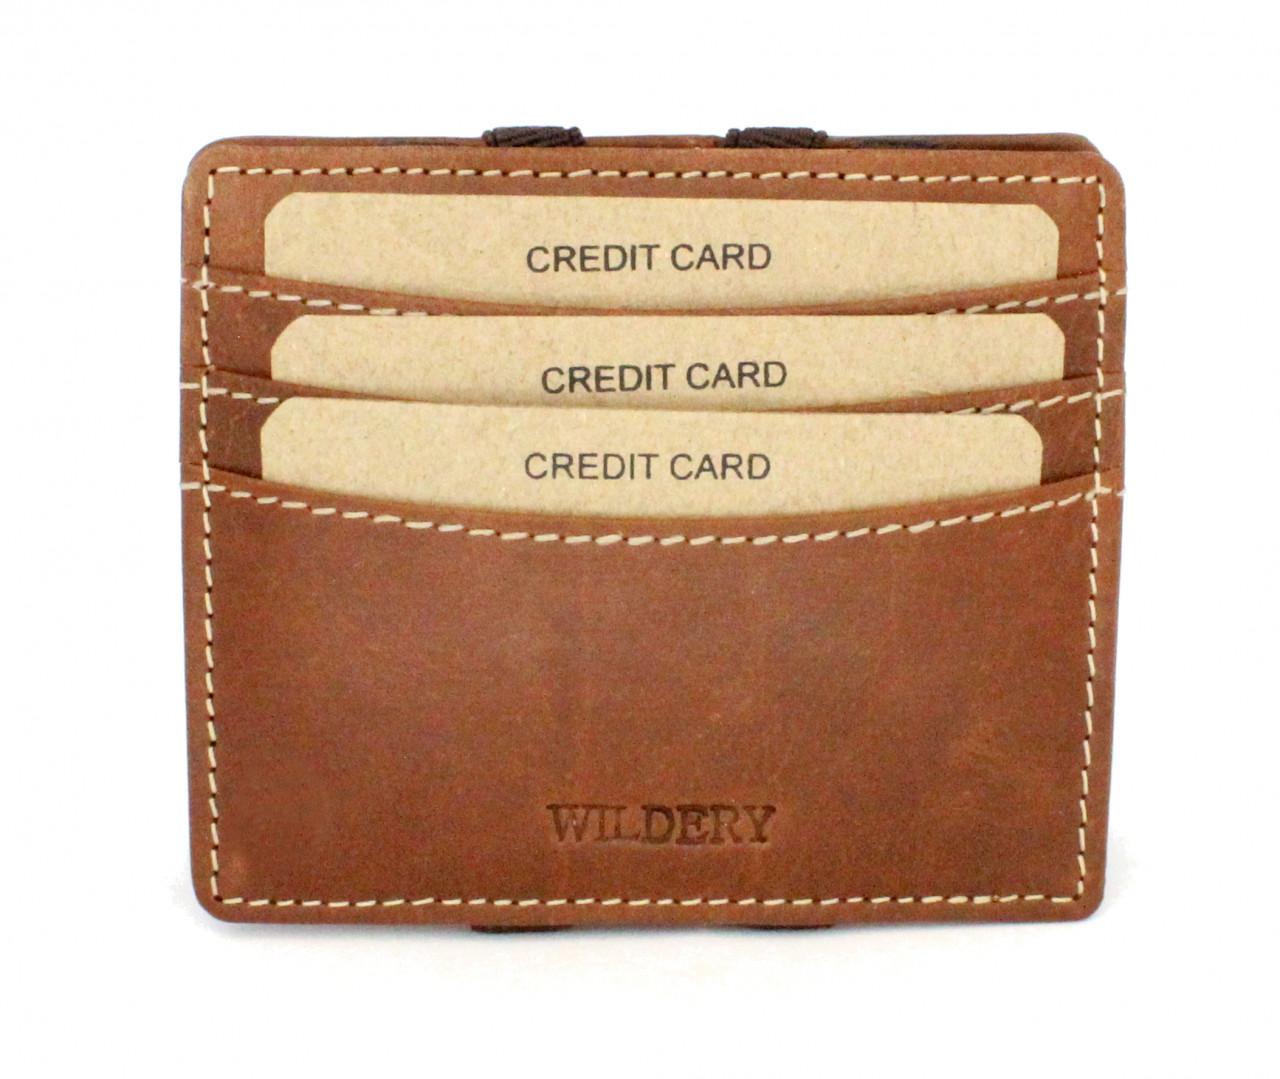 Magic Wallet Kreditkarten Etui aus echt Leder mit RFID und NFC Schutz mit 8 Kartenfächern in beige